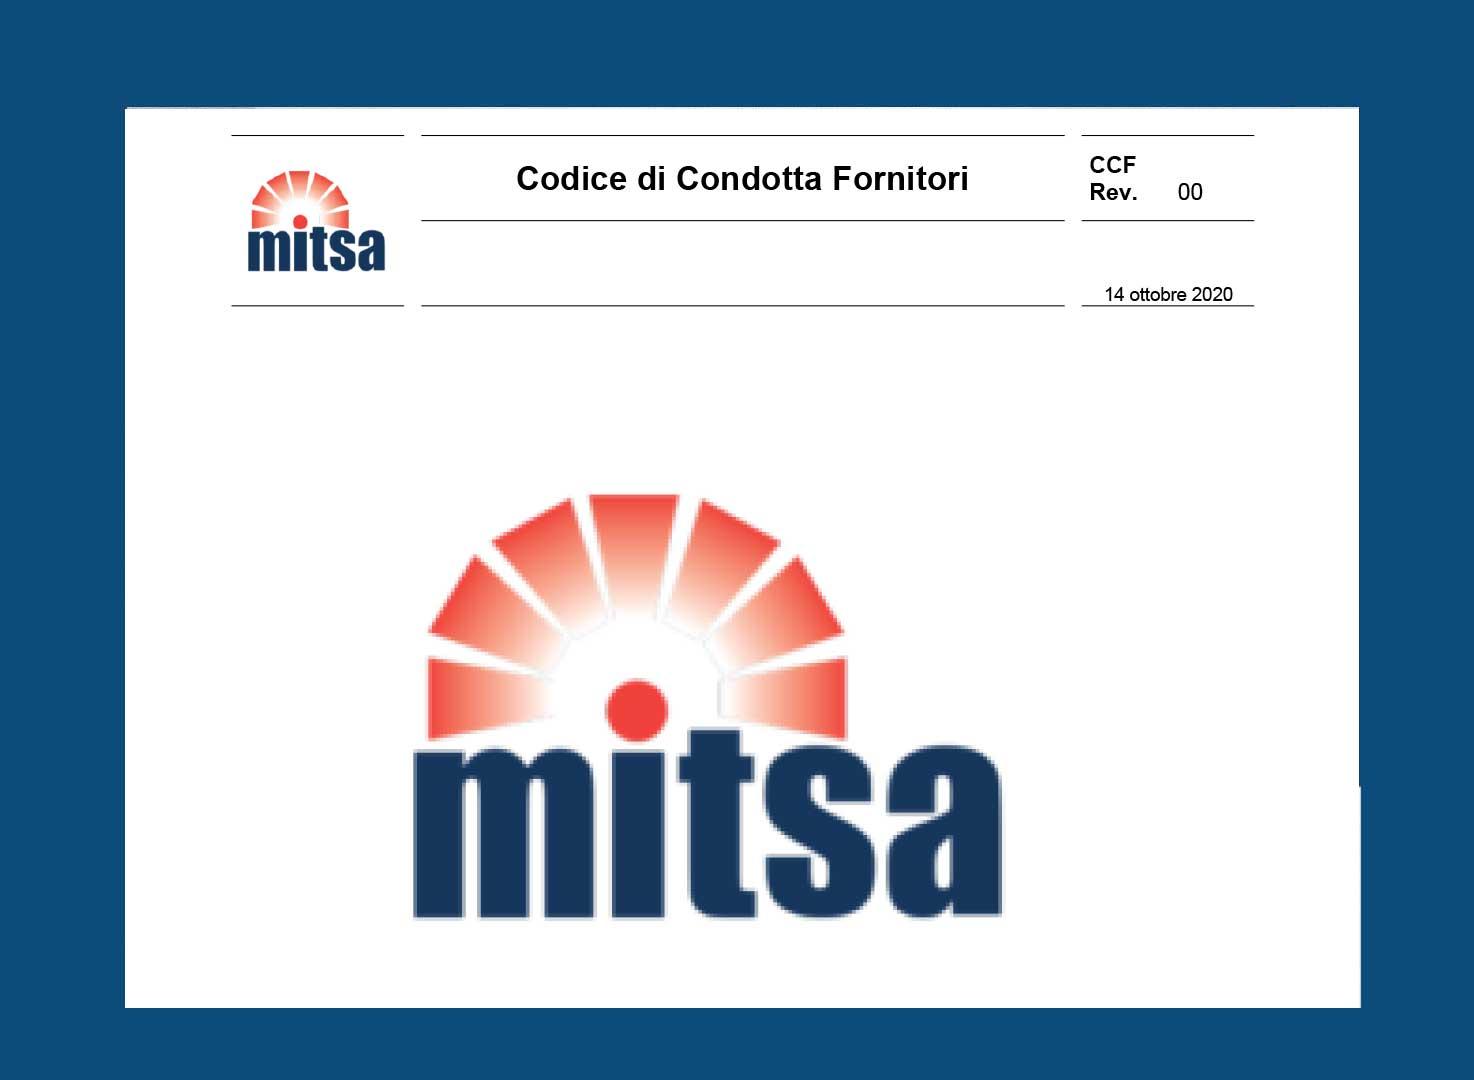 Codice di Condotta Fornitori